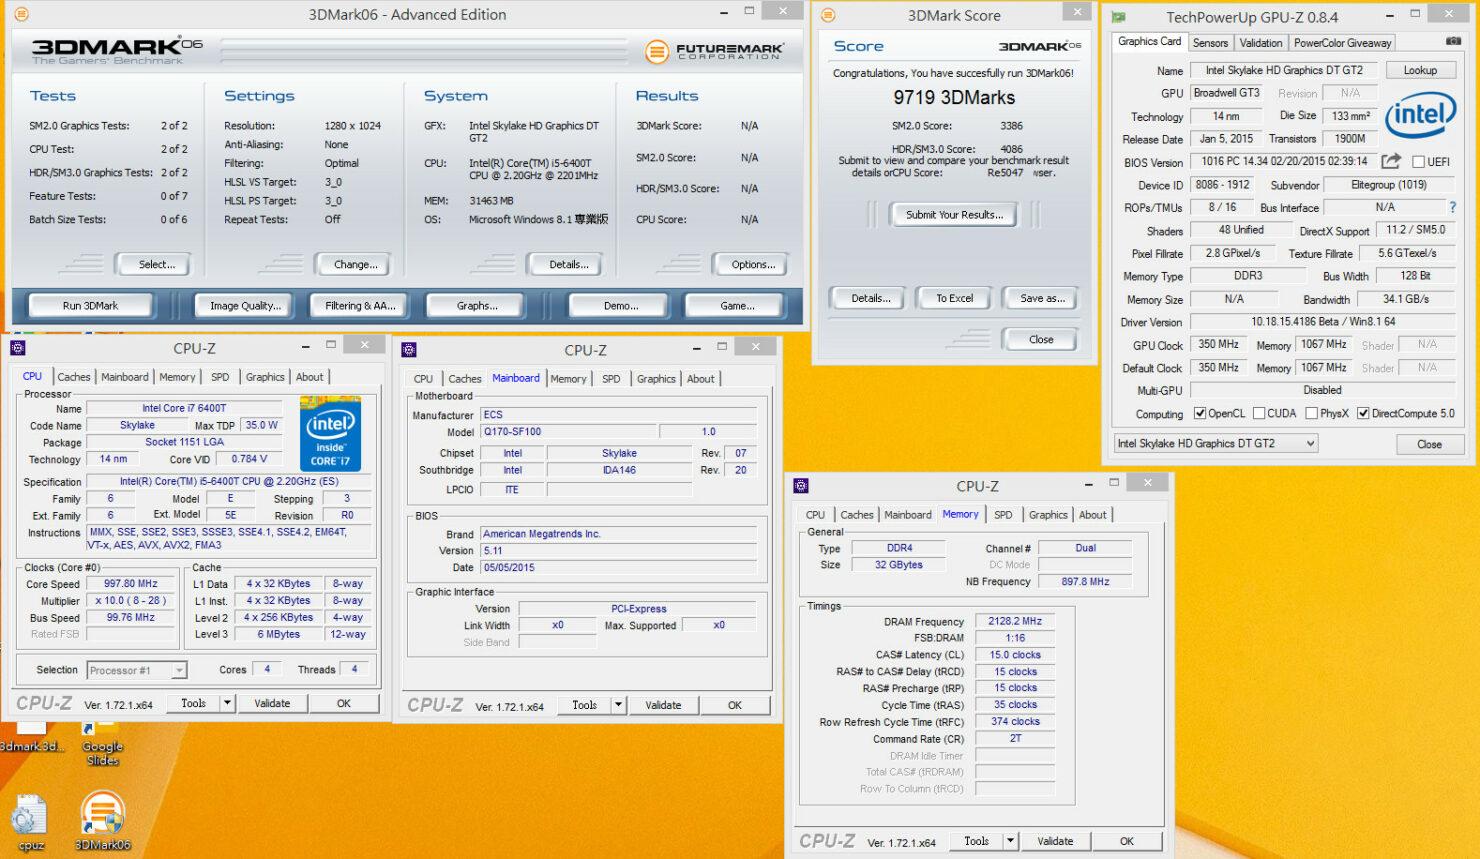 skylake-core-i5-6400t_3dmark-06